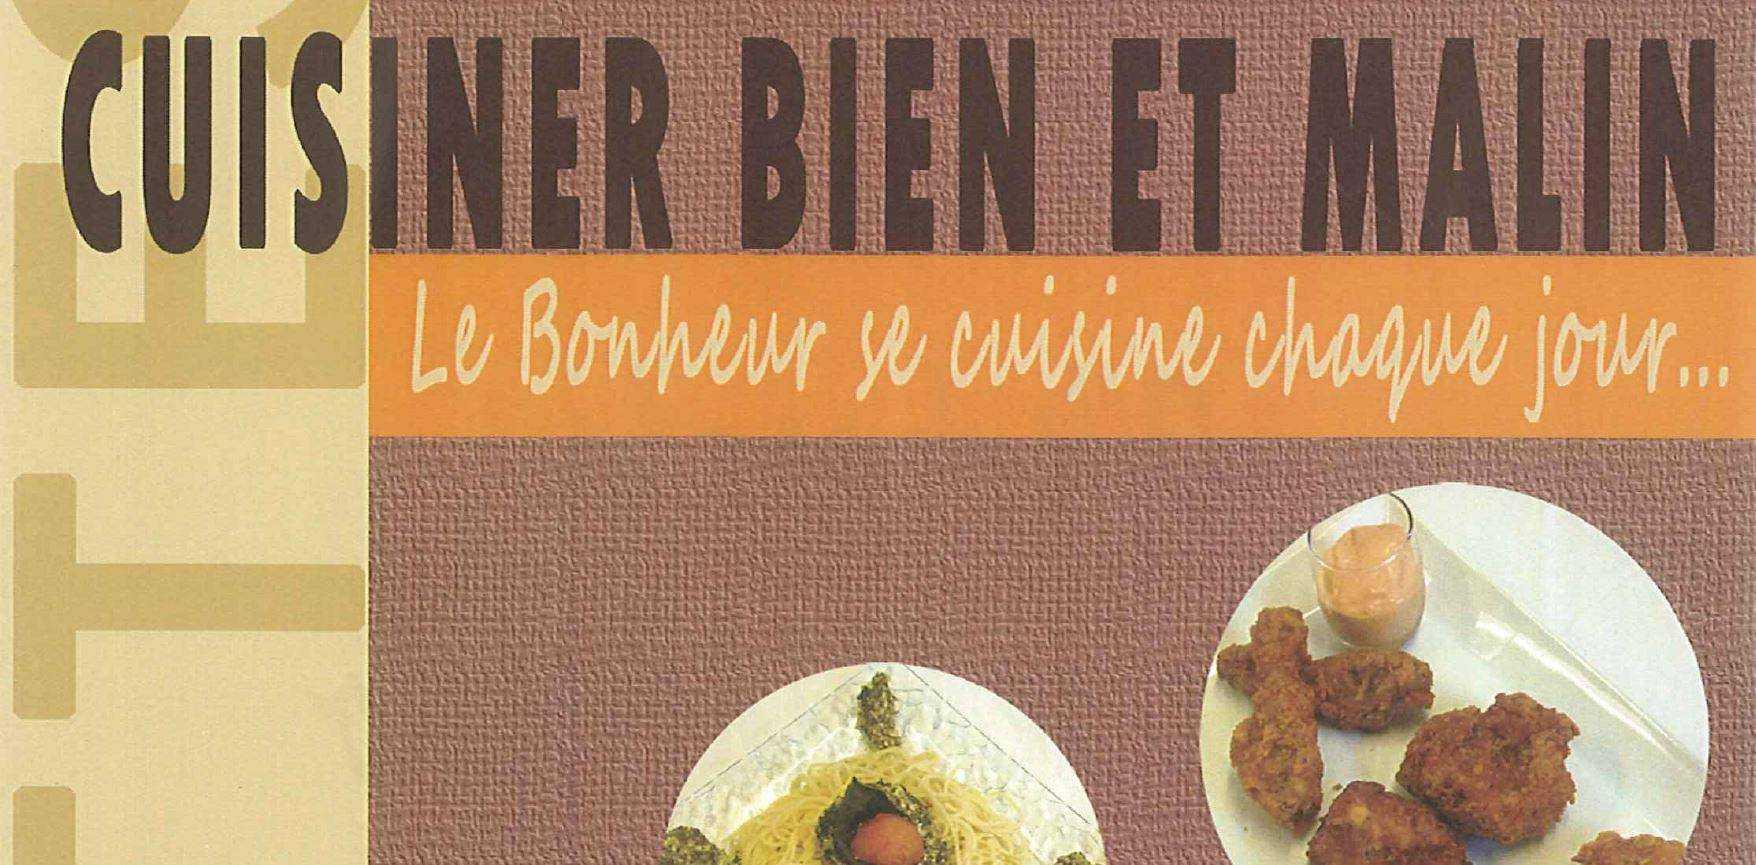 Recettes cuisiner bien et malin solidarit - Cours de cuisine saint malo ...